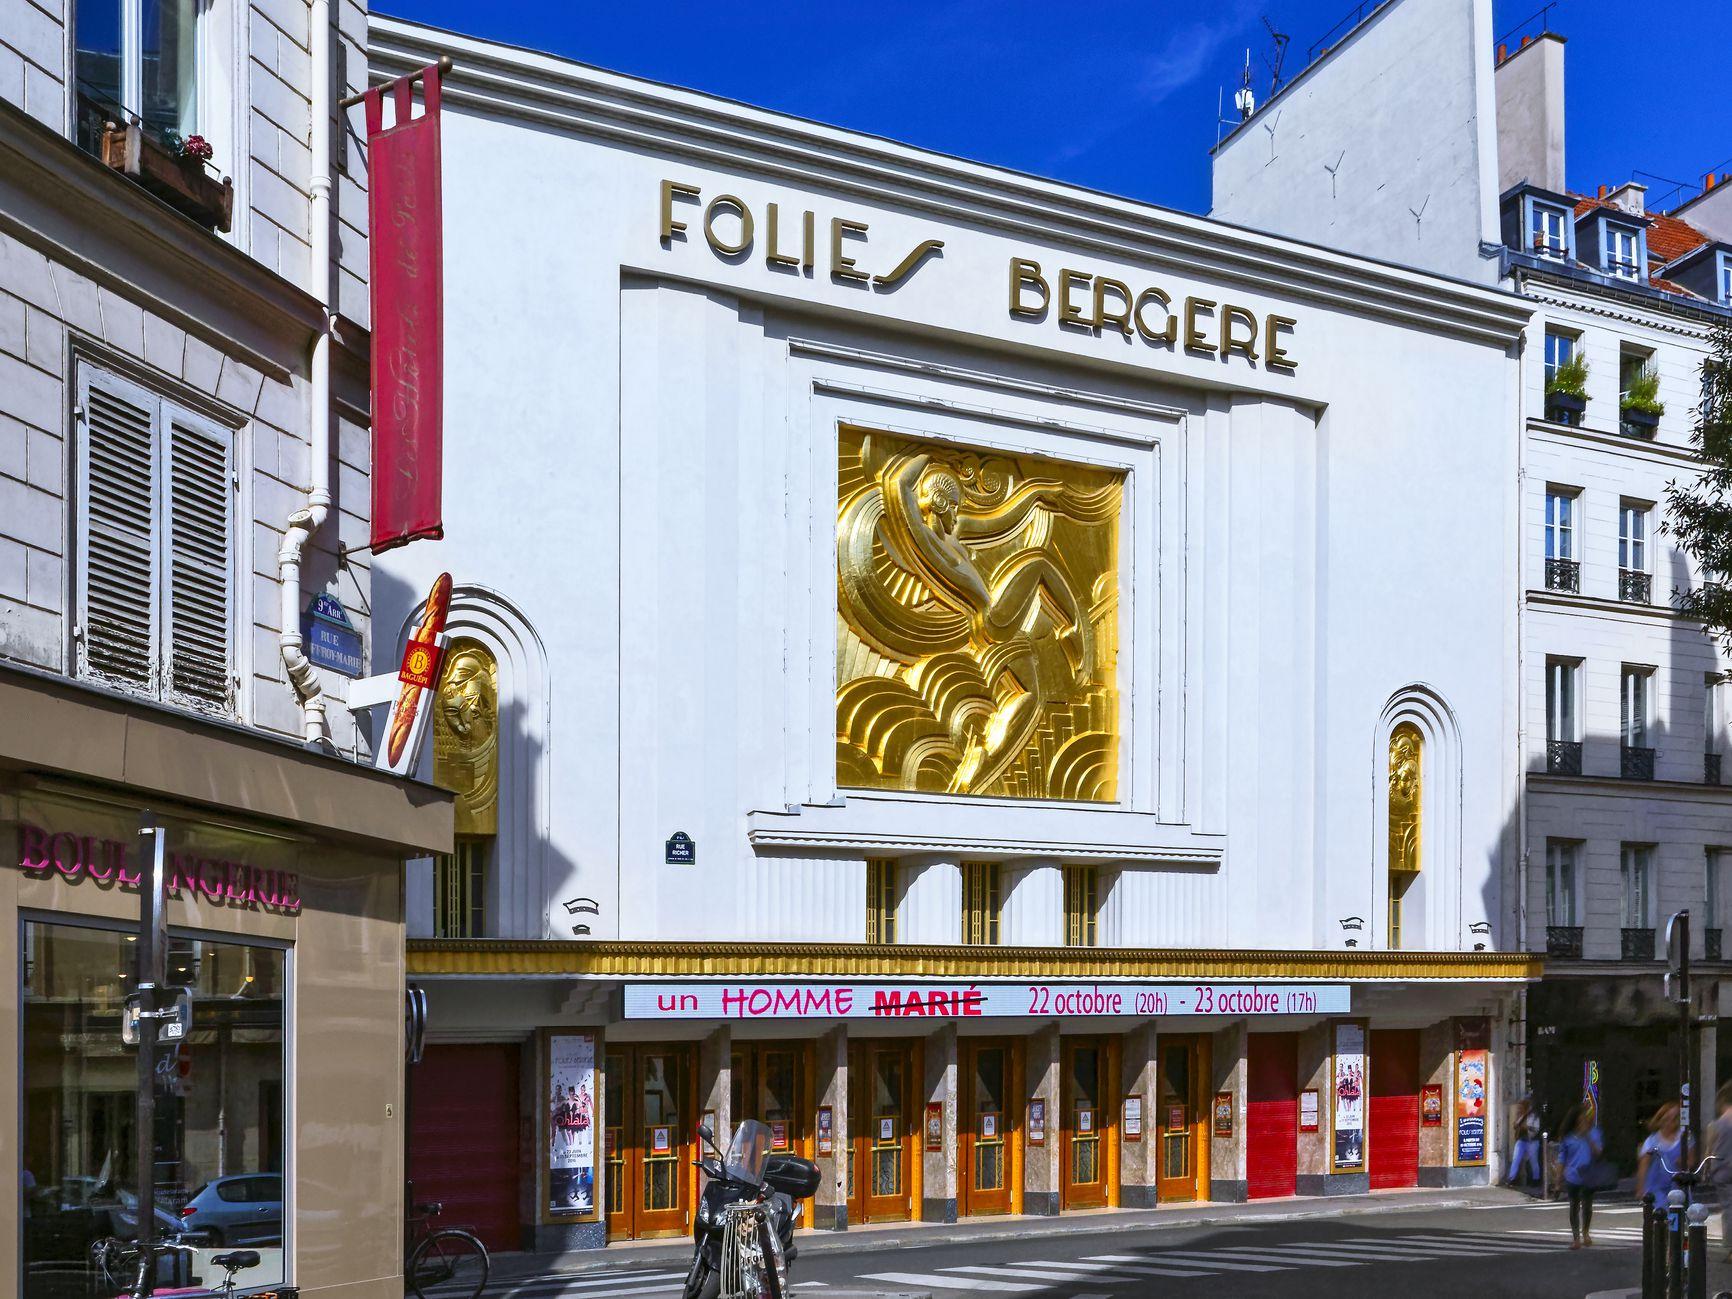 Les Folies Bergère Classic Paris Cabaret Review